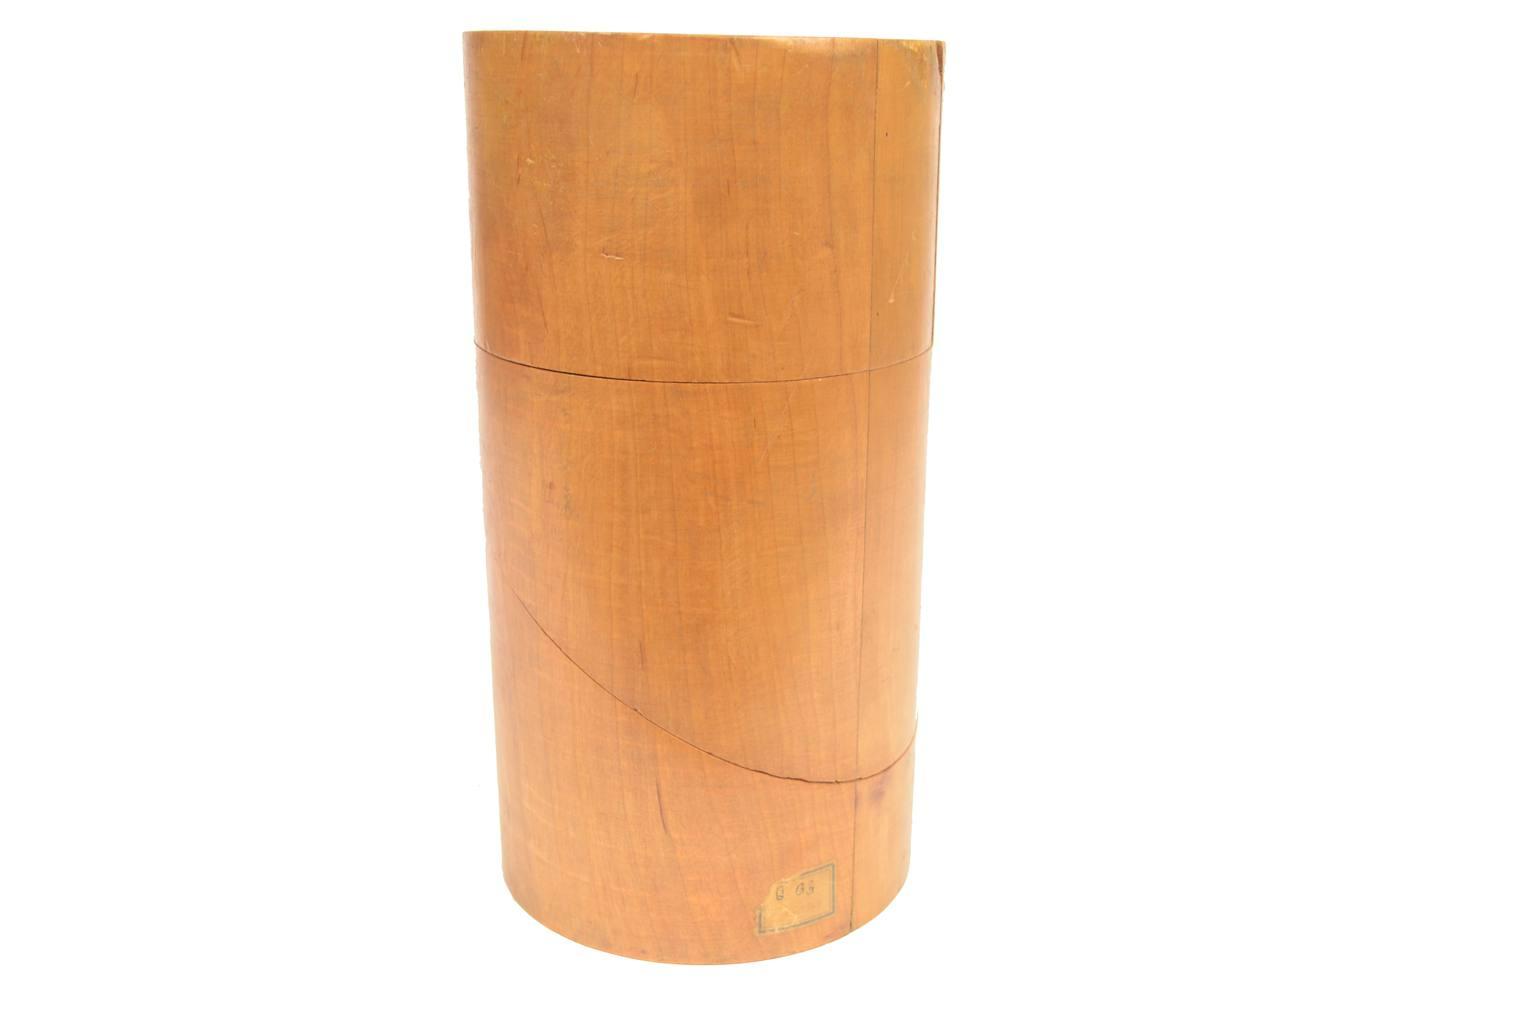 Strumenti di misura antichi/4815-Solido geometrico